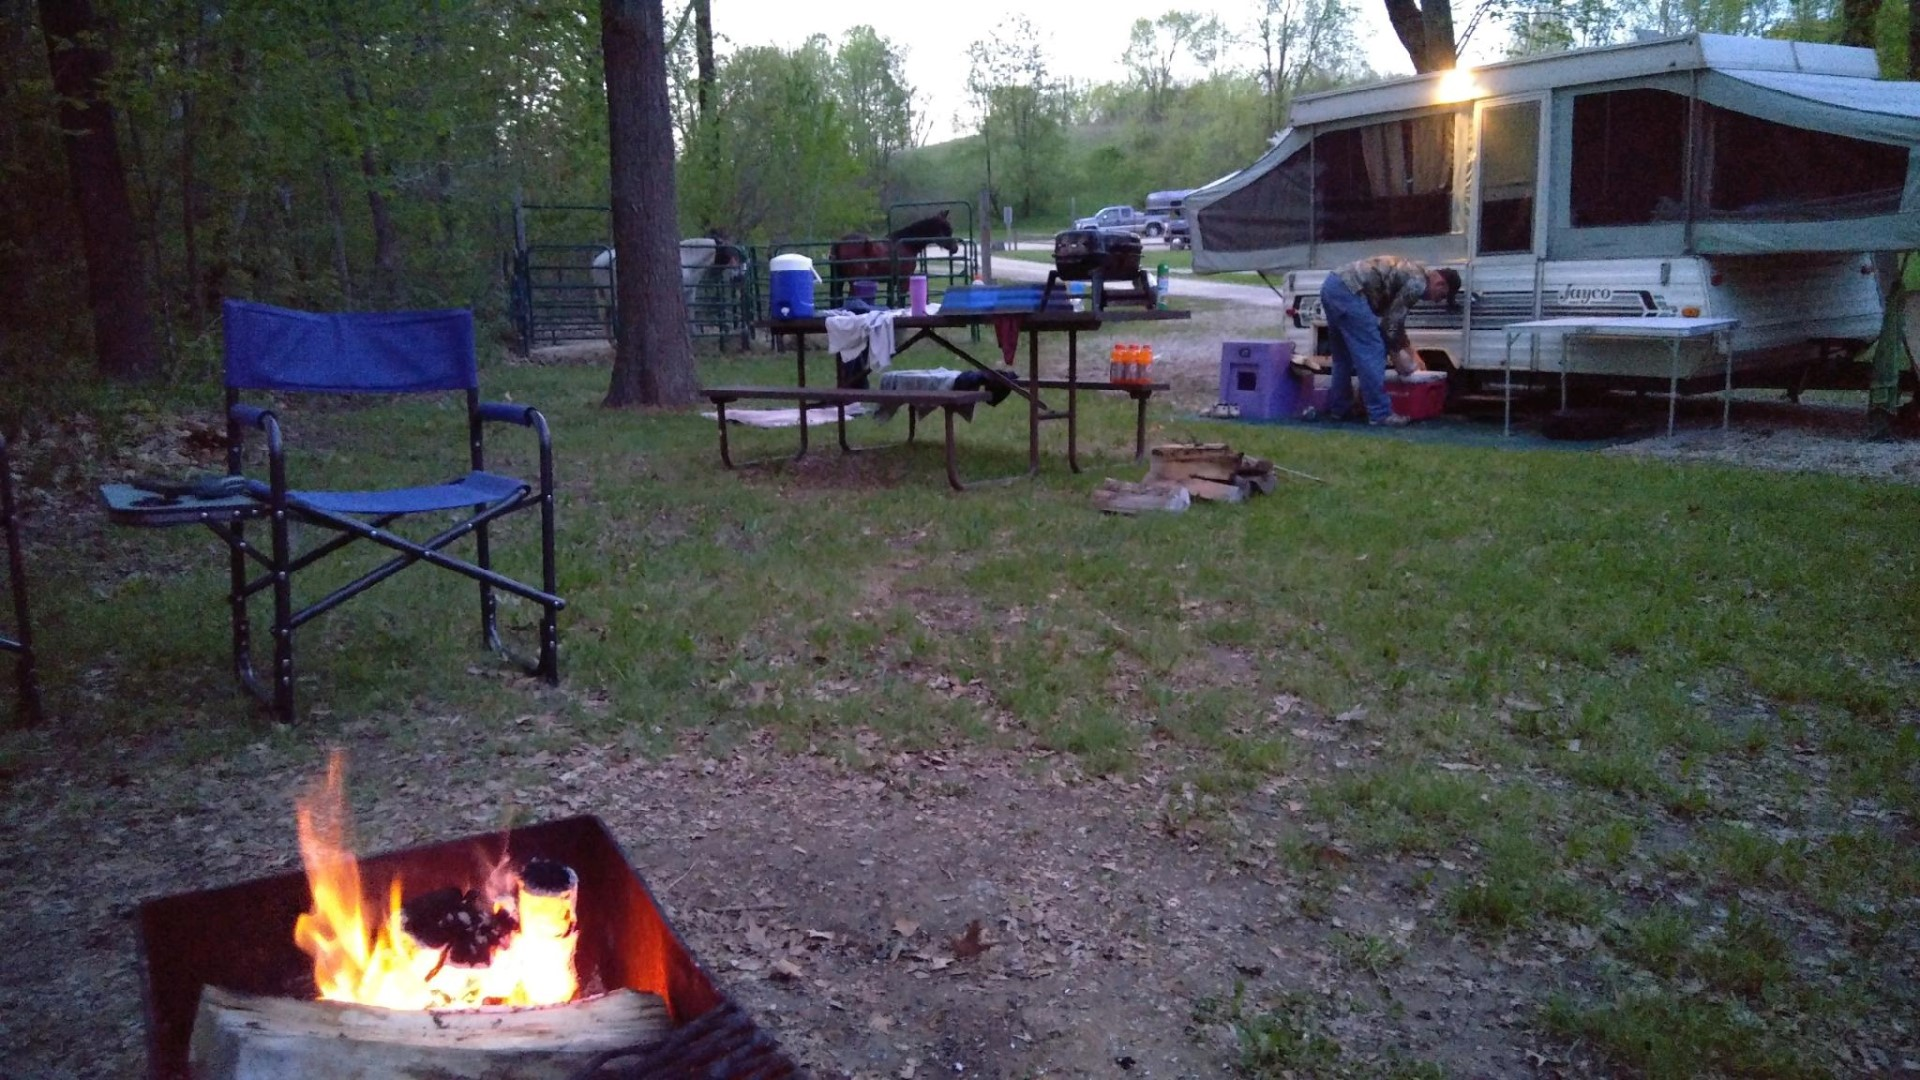 Name: camping2019-3.jpg, Views: 52, Size: 504.02 KB